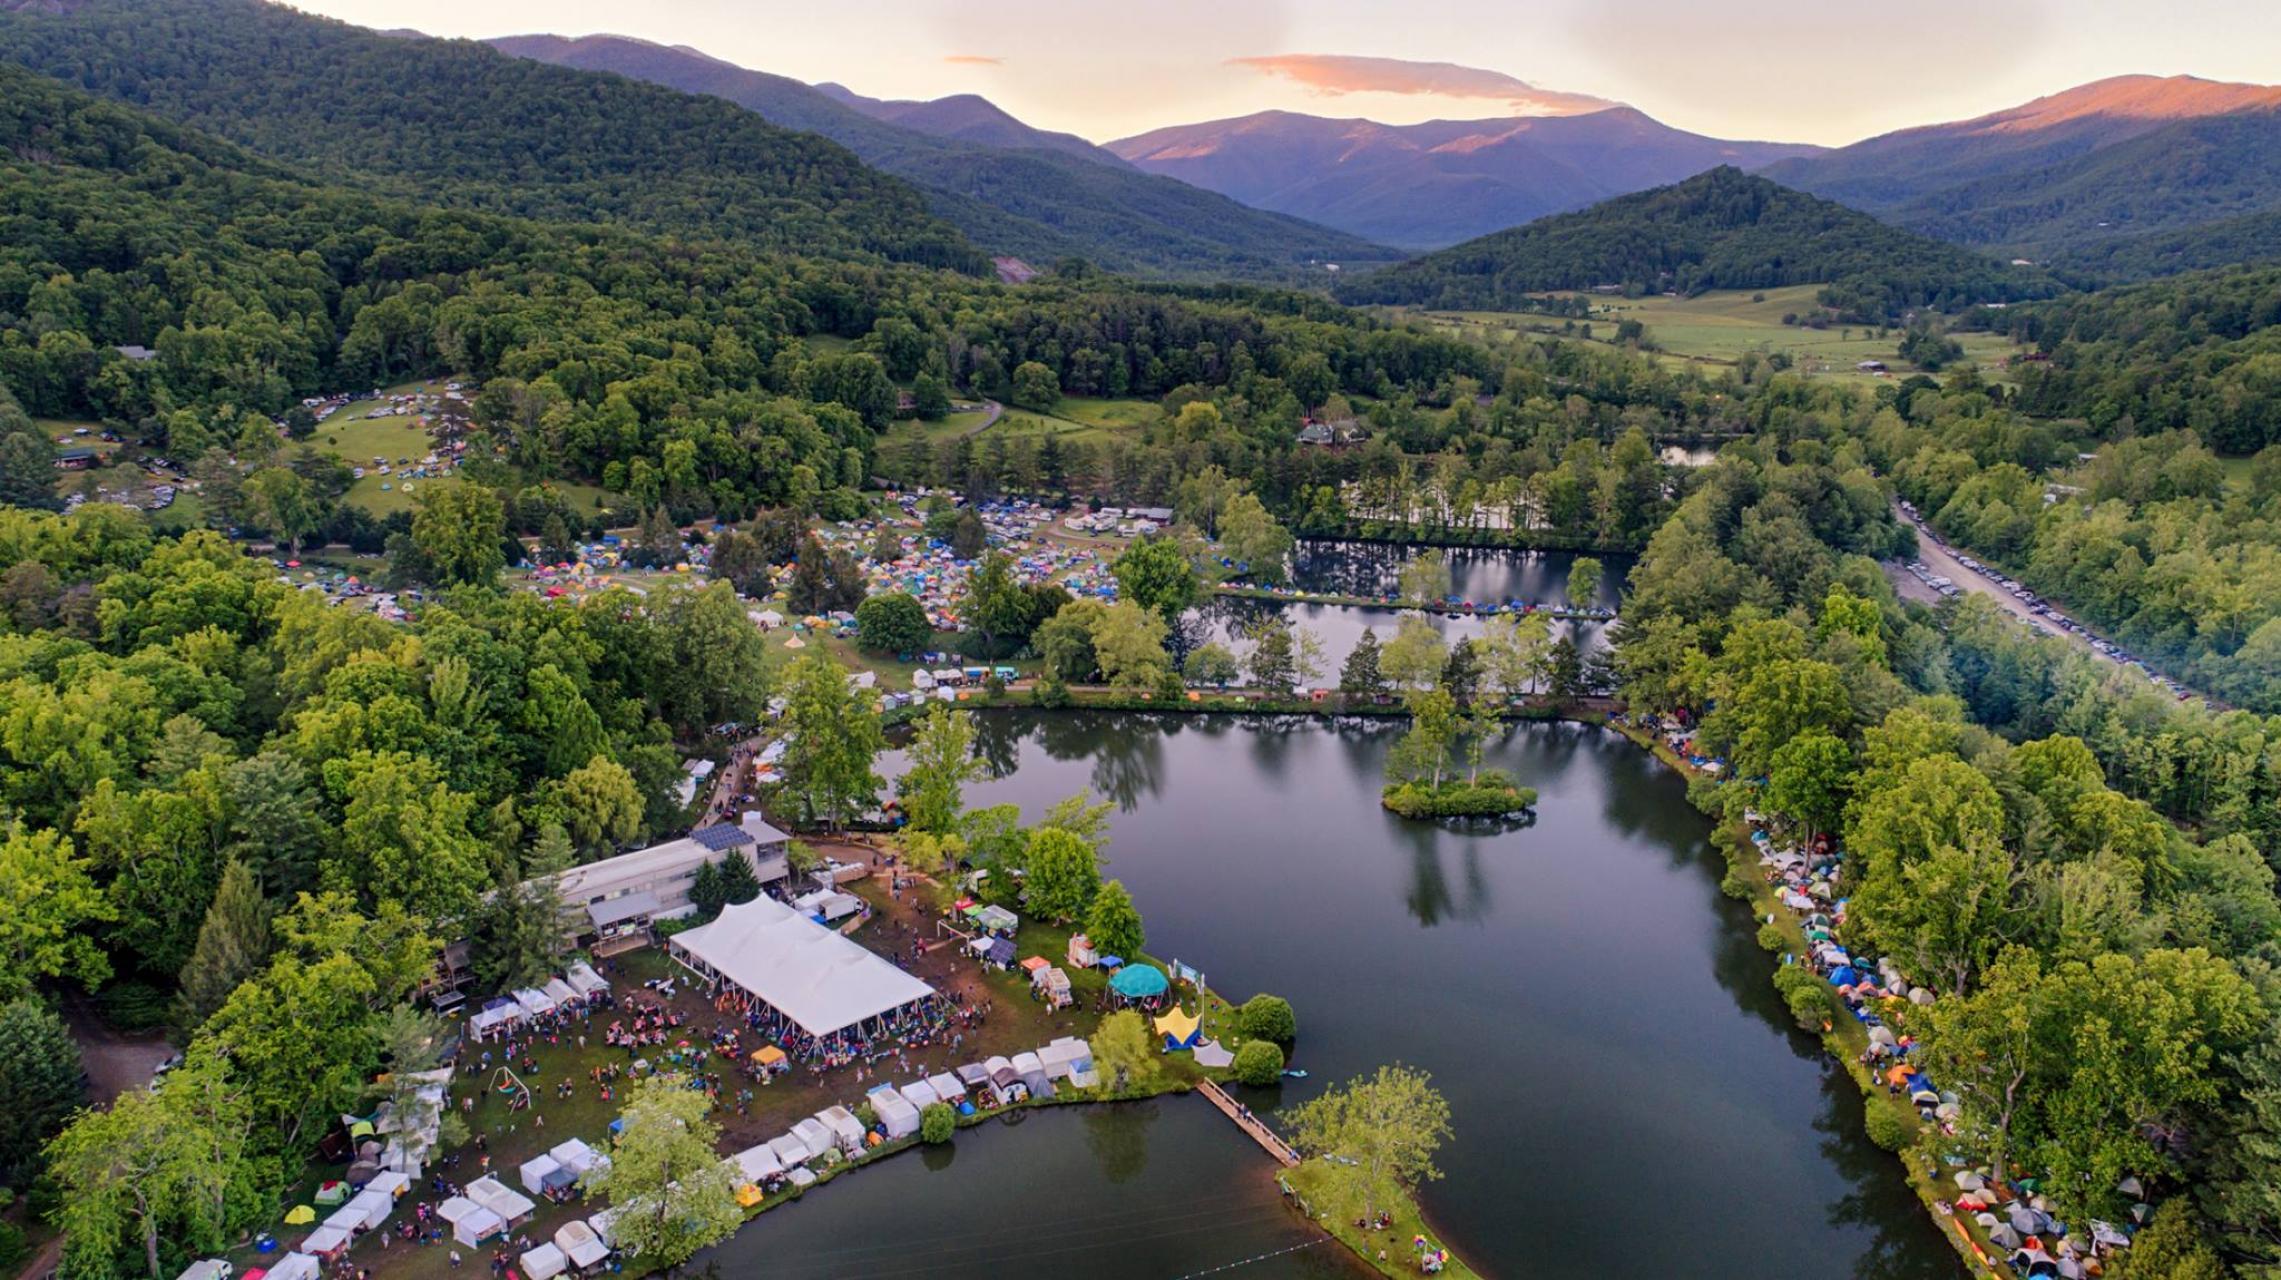 The LEAF Festival grounds, nestled around Lake Eden